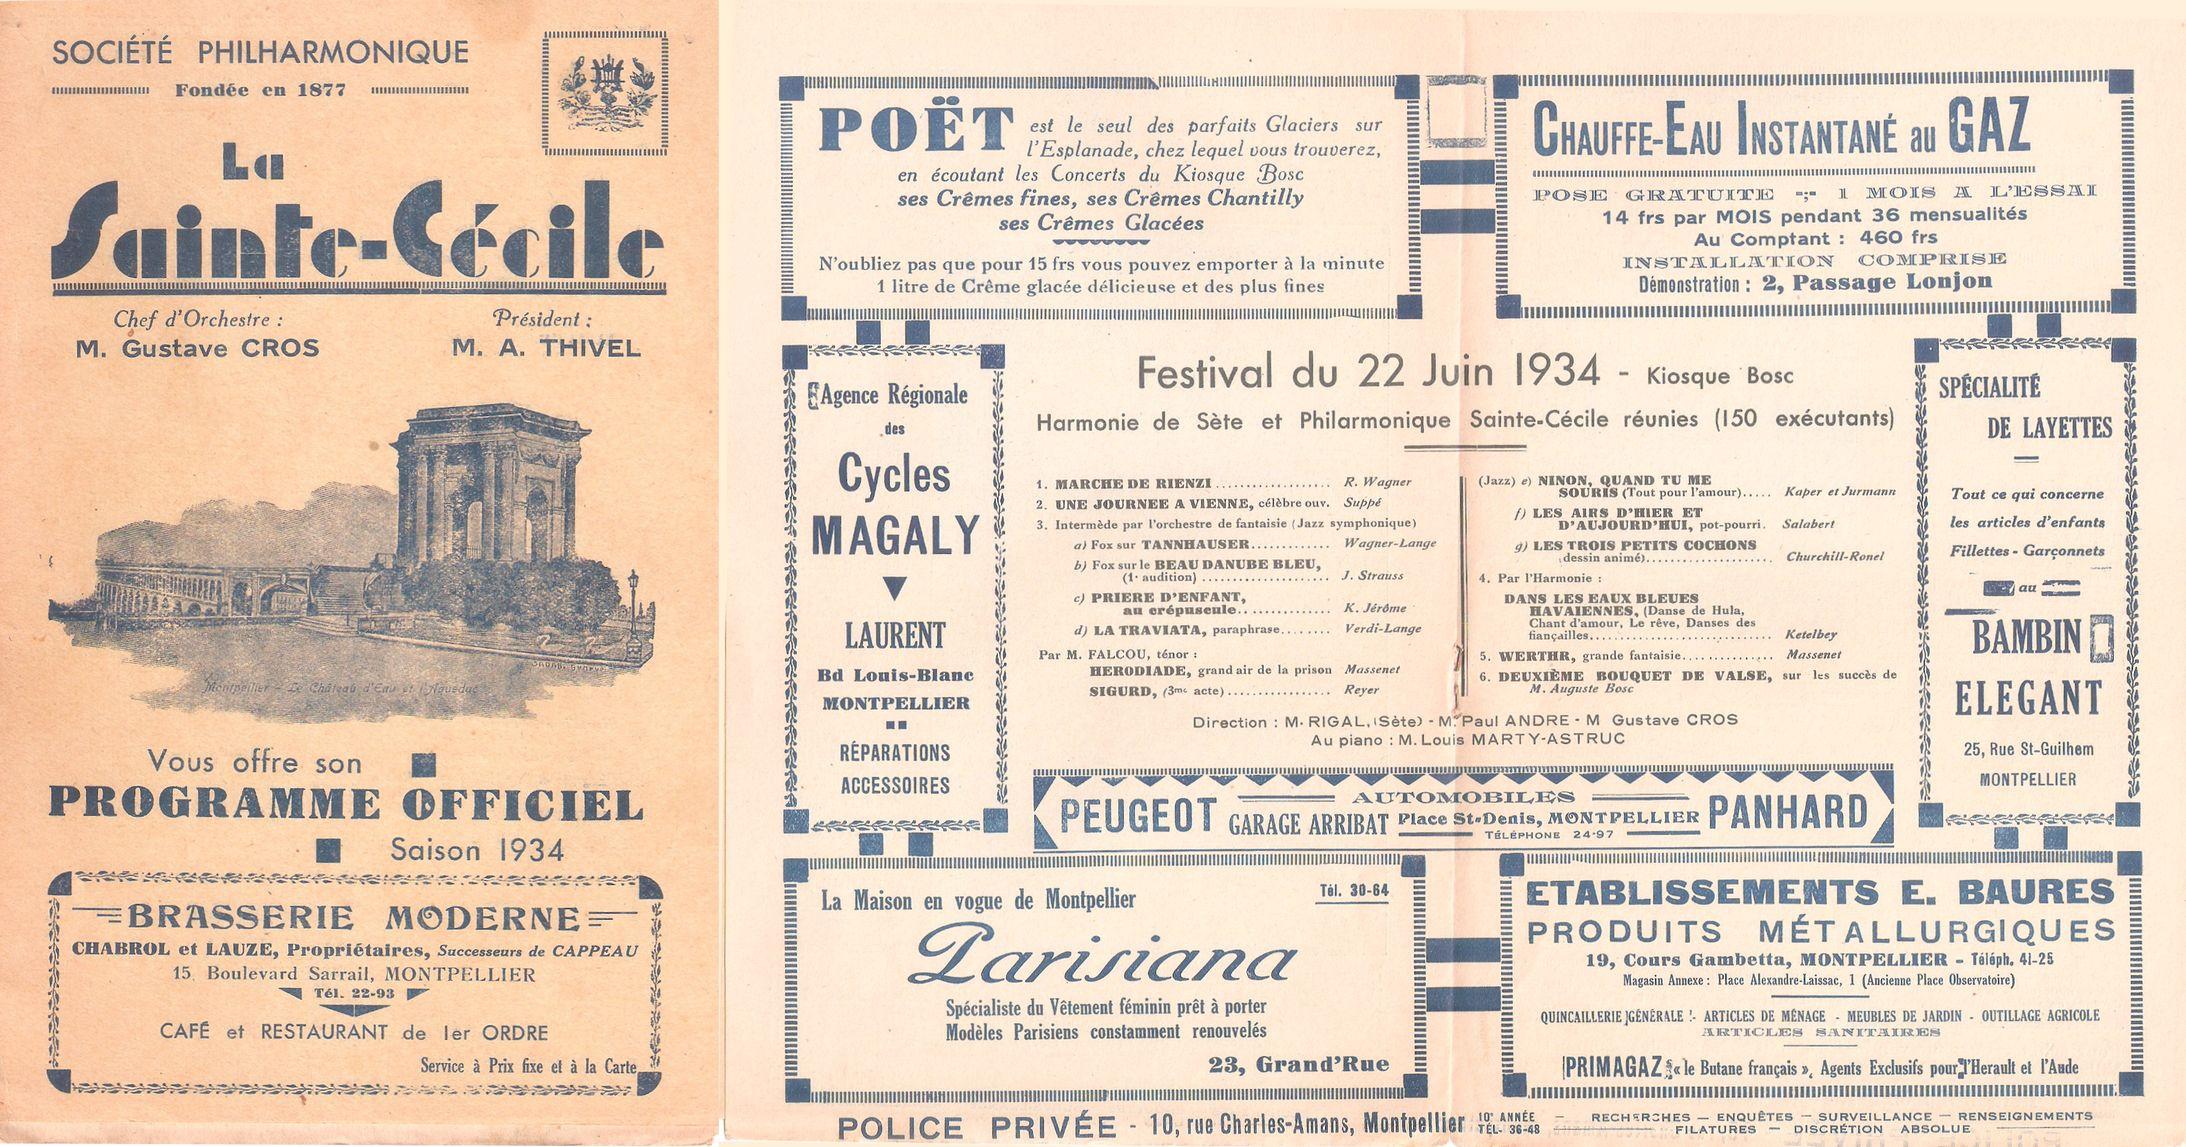 Programme de concert du 22 juin 1934 à Montpellier